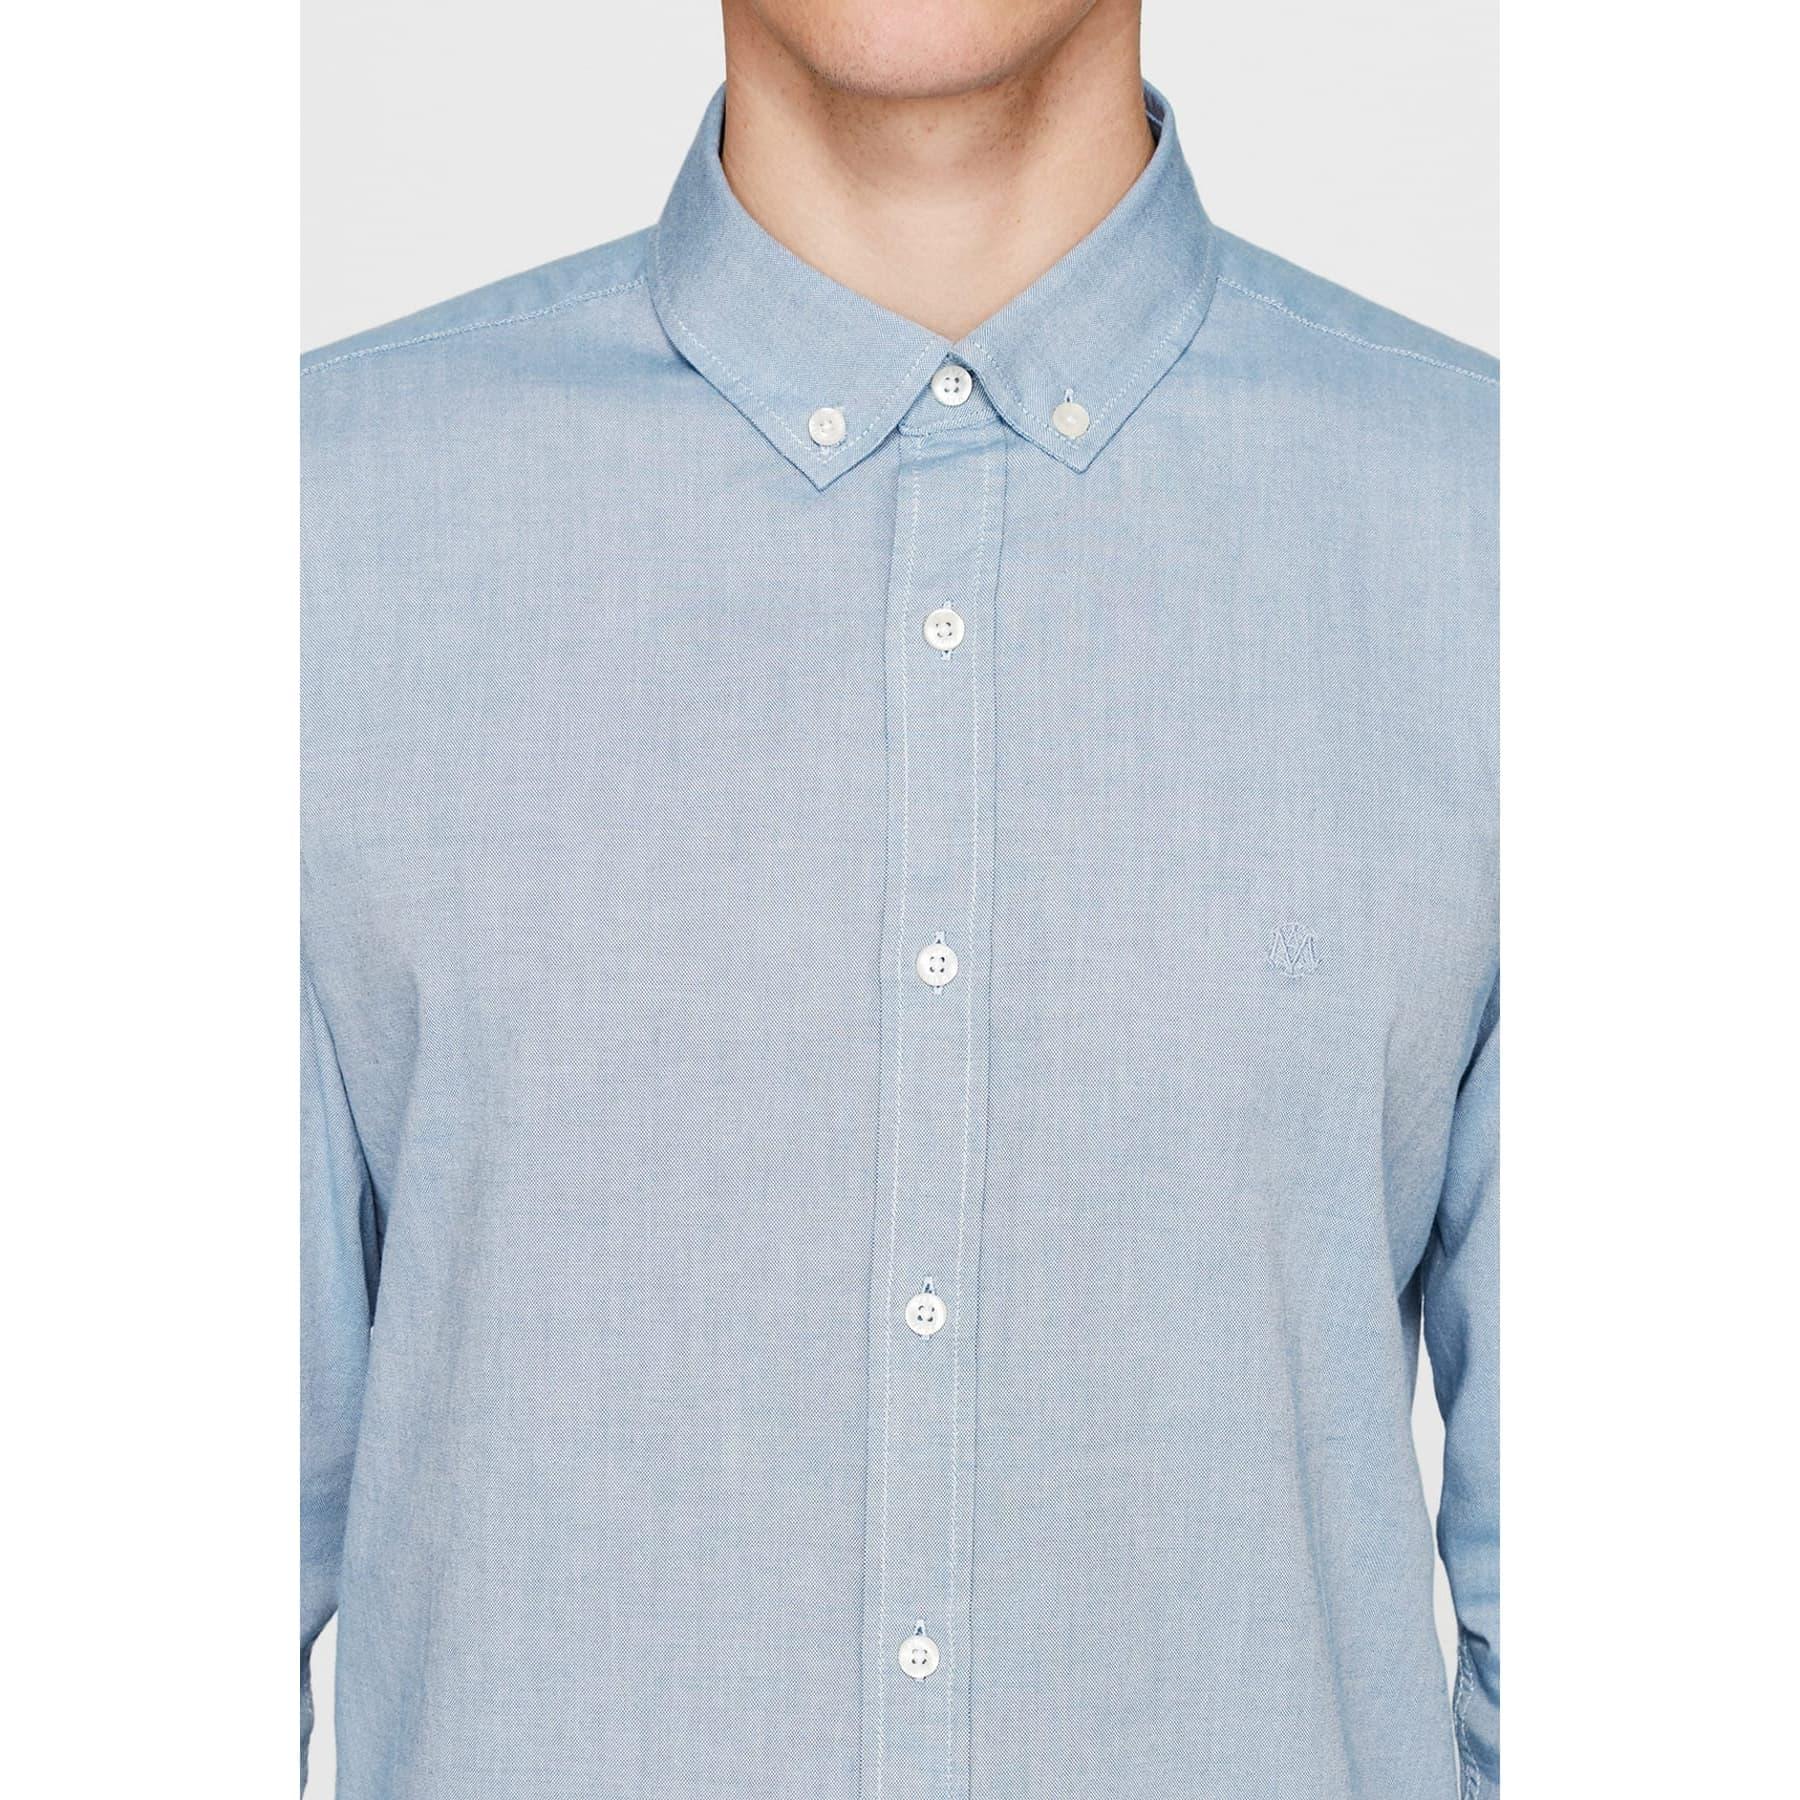 Erkek Cepsiz Uzay Mavisi Oxford Gömlek